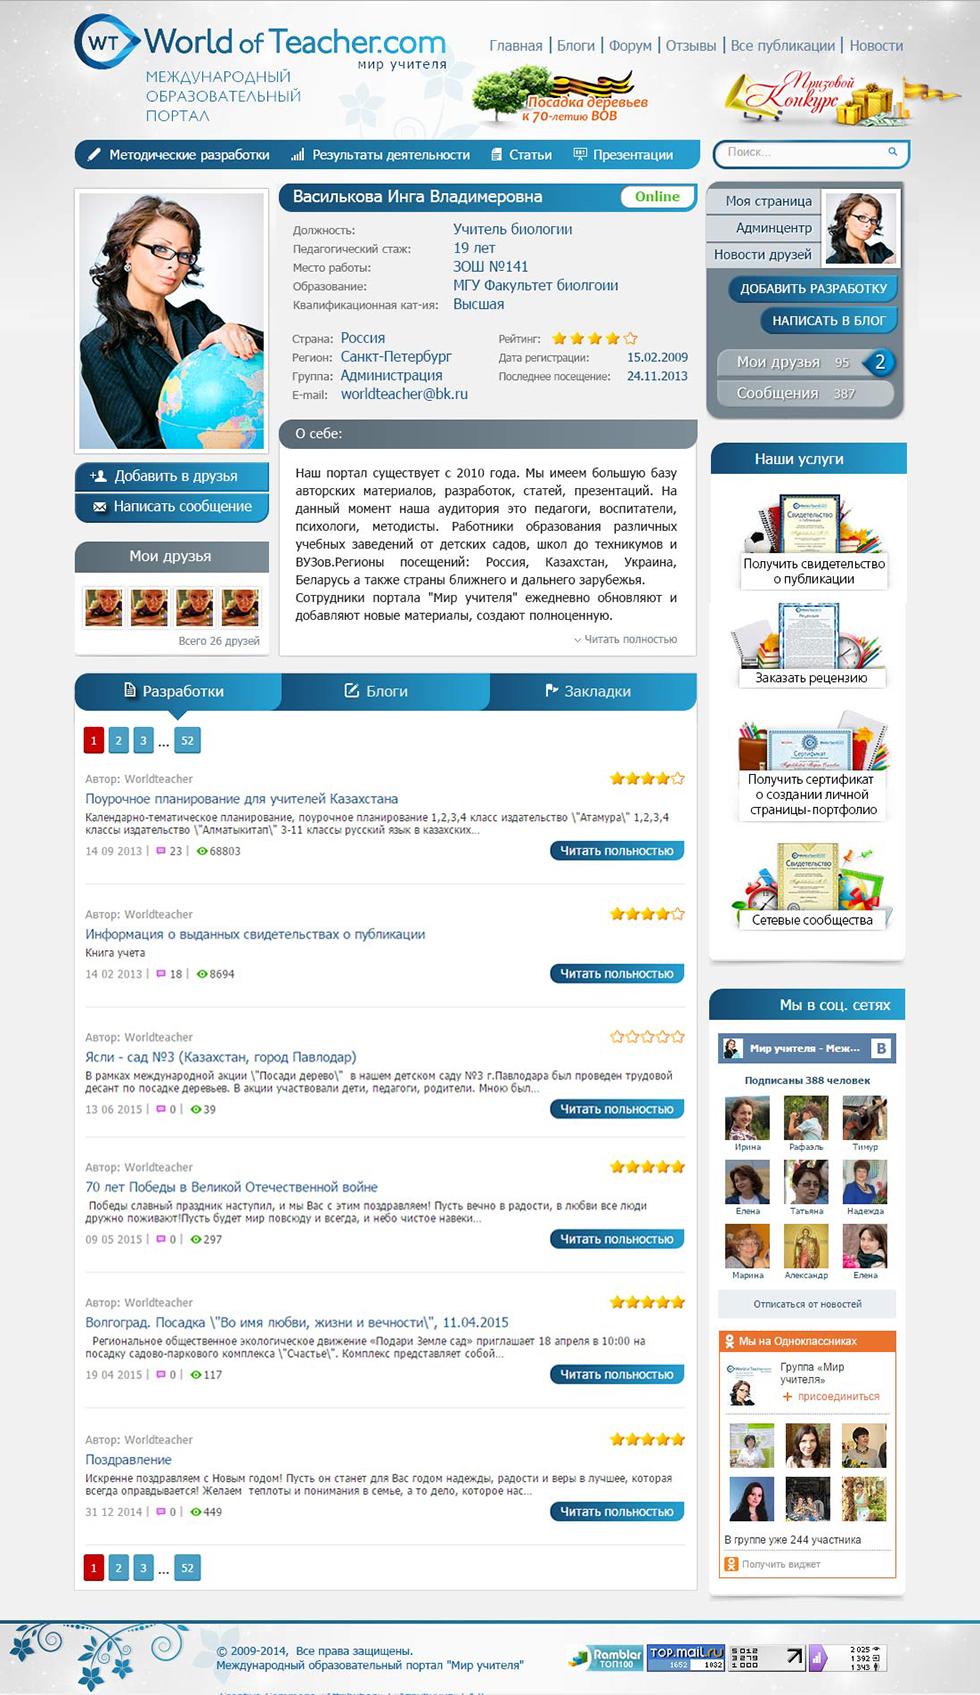 Международный образовательный портал Мир учителя  Worldofteacher